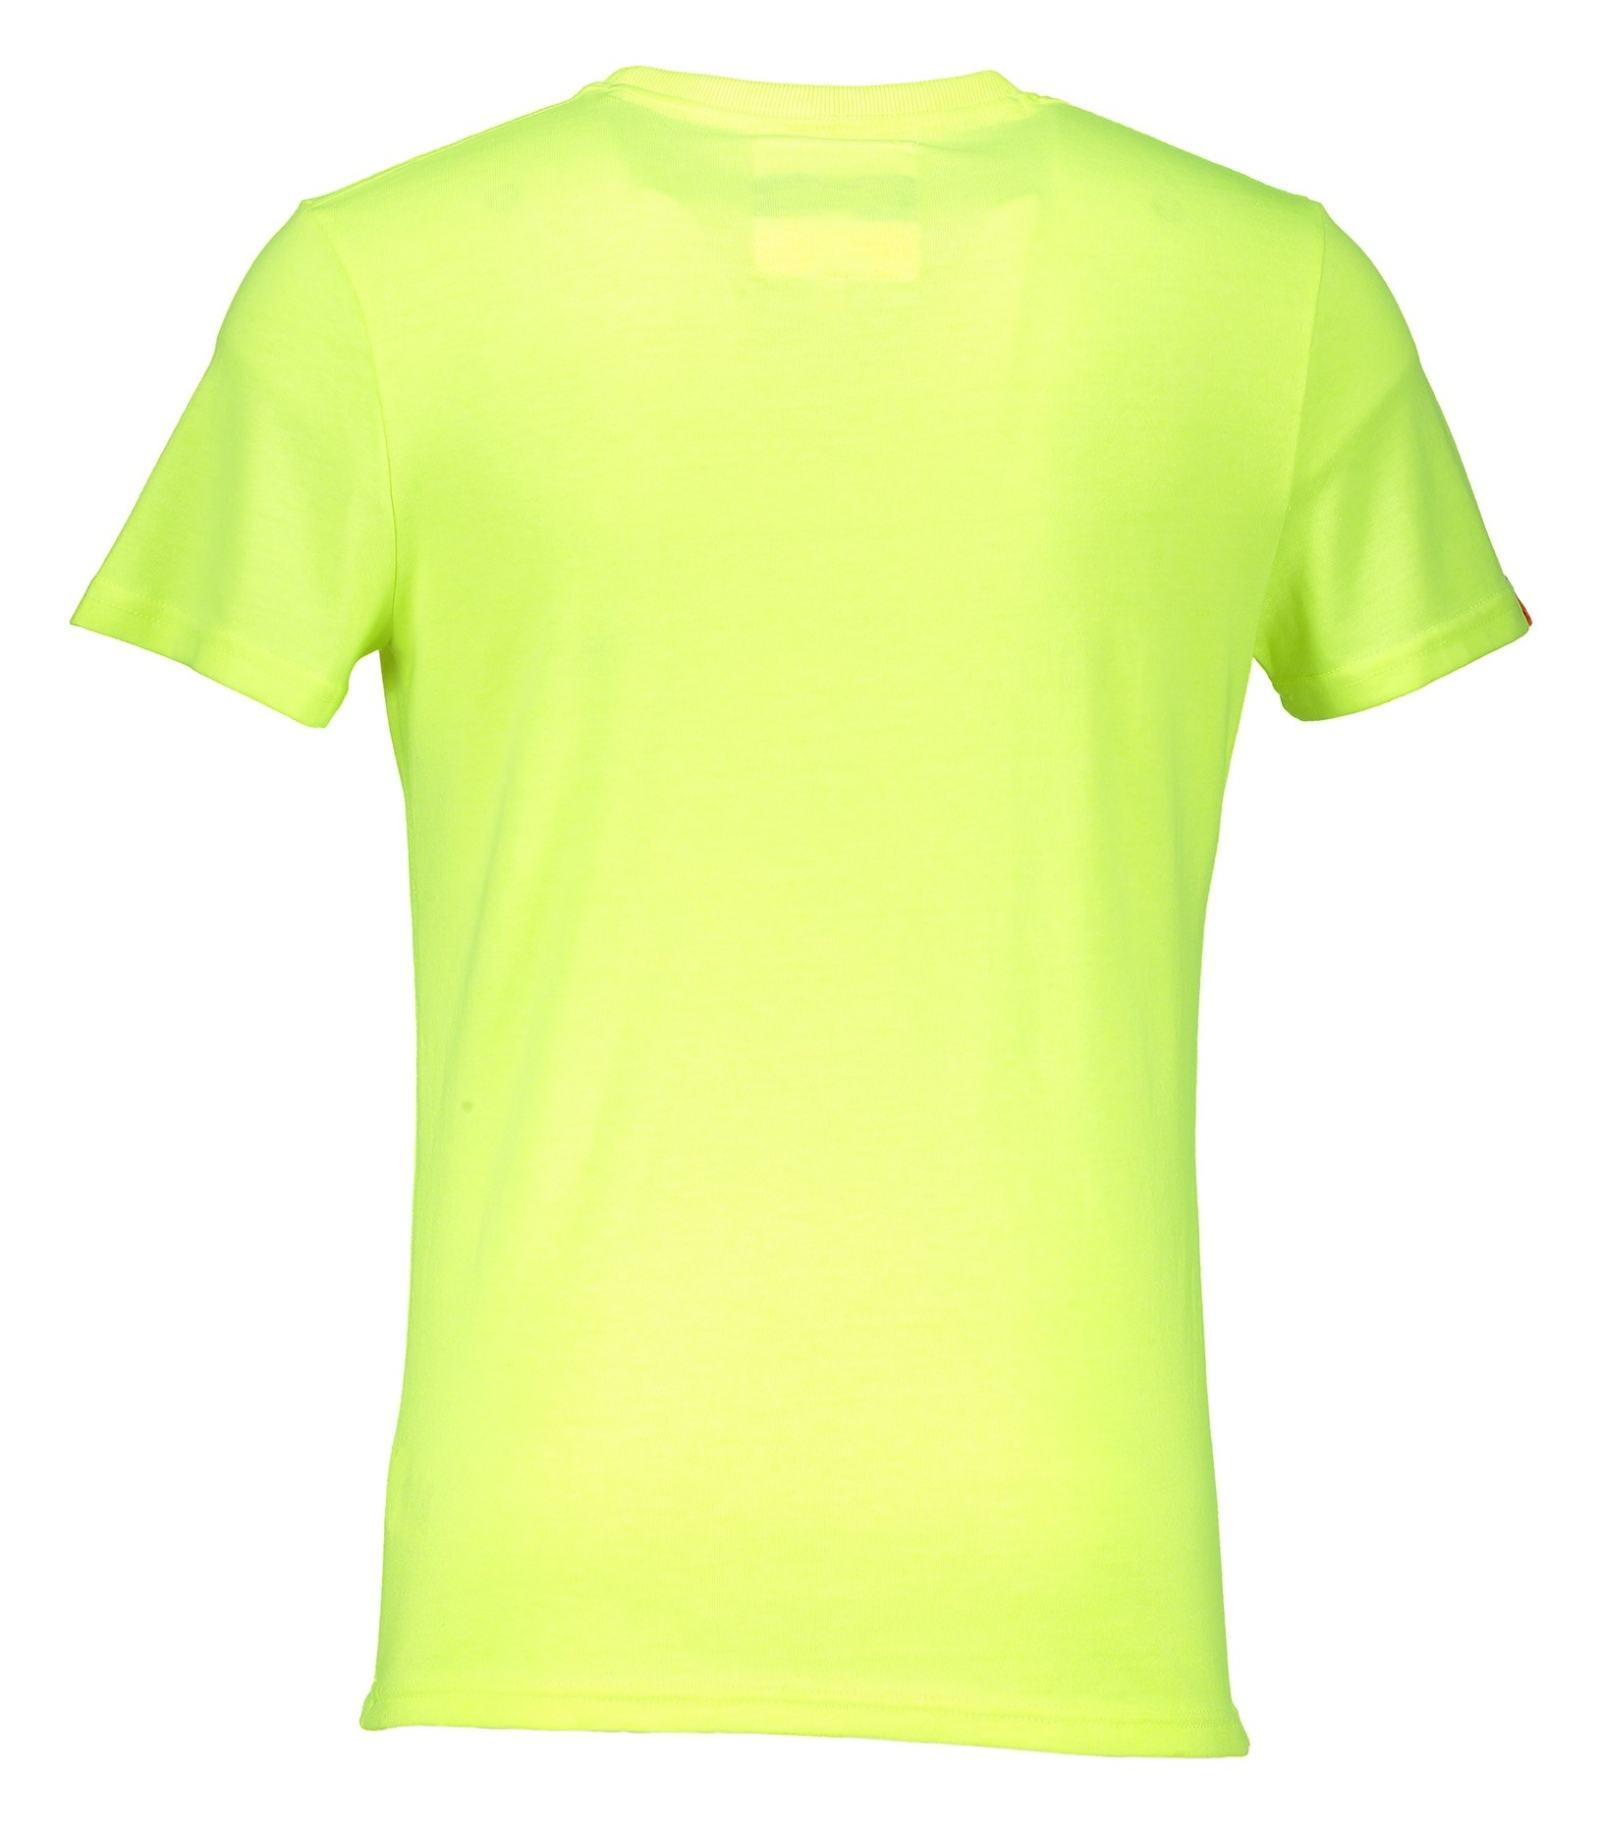 تی شرت یقه گرد مردانه - سوپردرای - زرد فلورسنت - 2